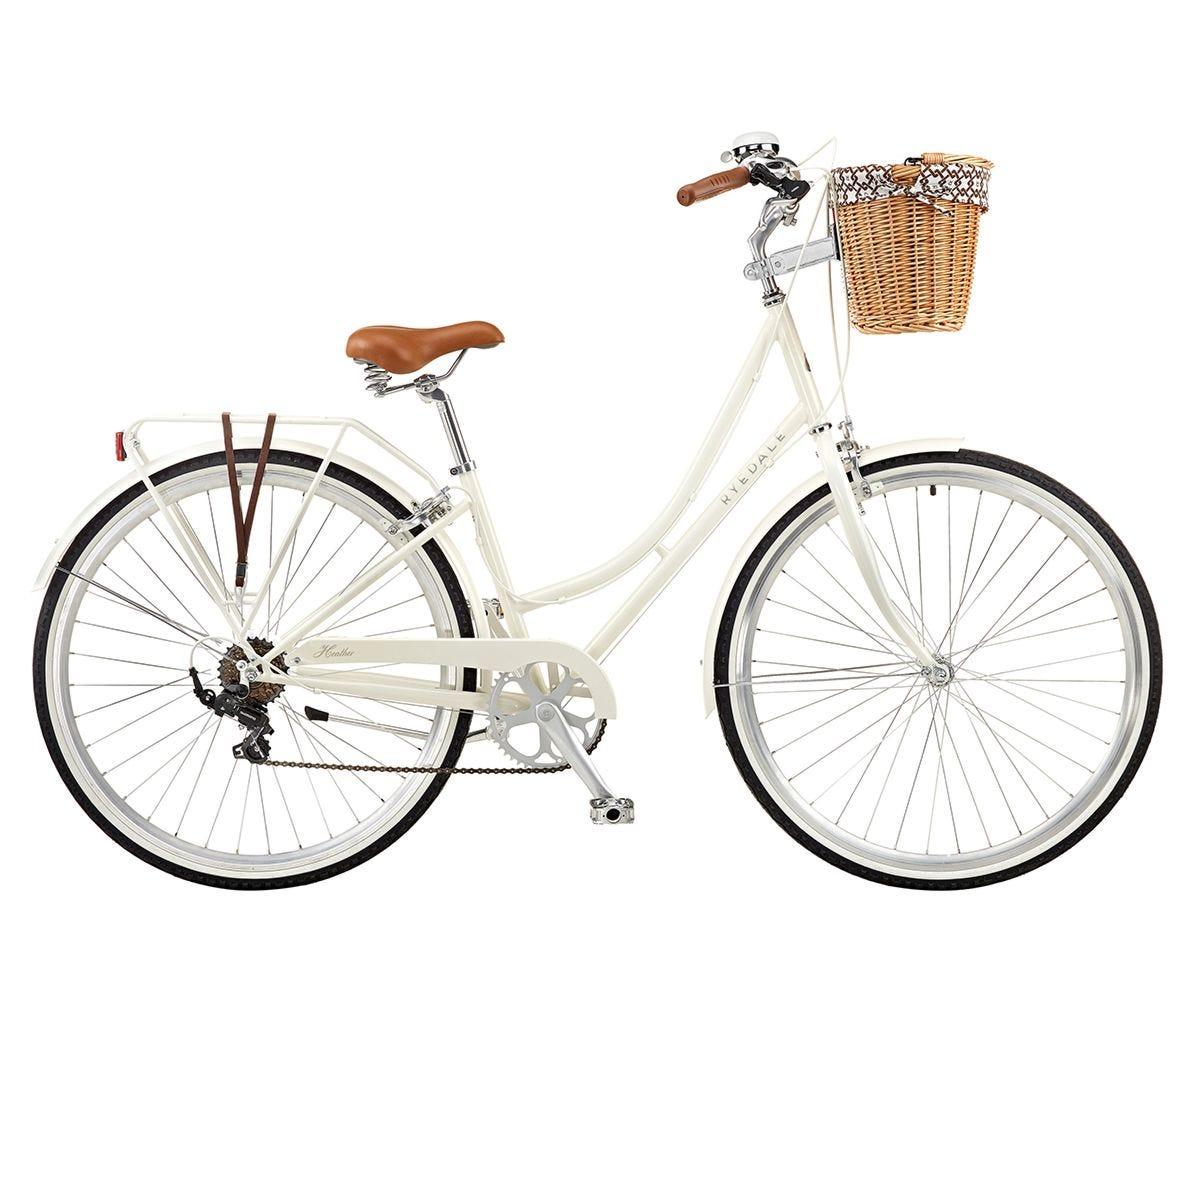 Ryedale Heather 700C 16 Inch 7 Speed Ladies Heritage Bike - Sherbet